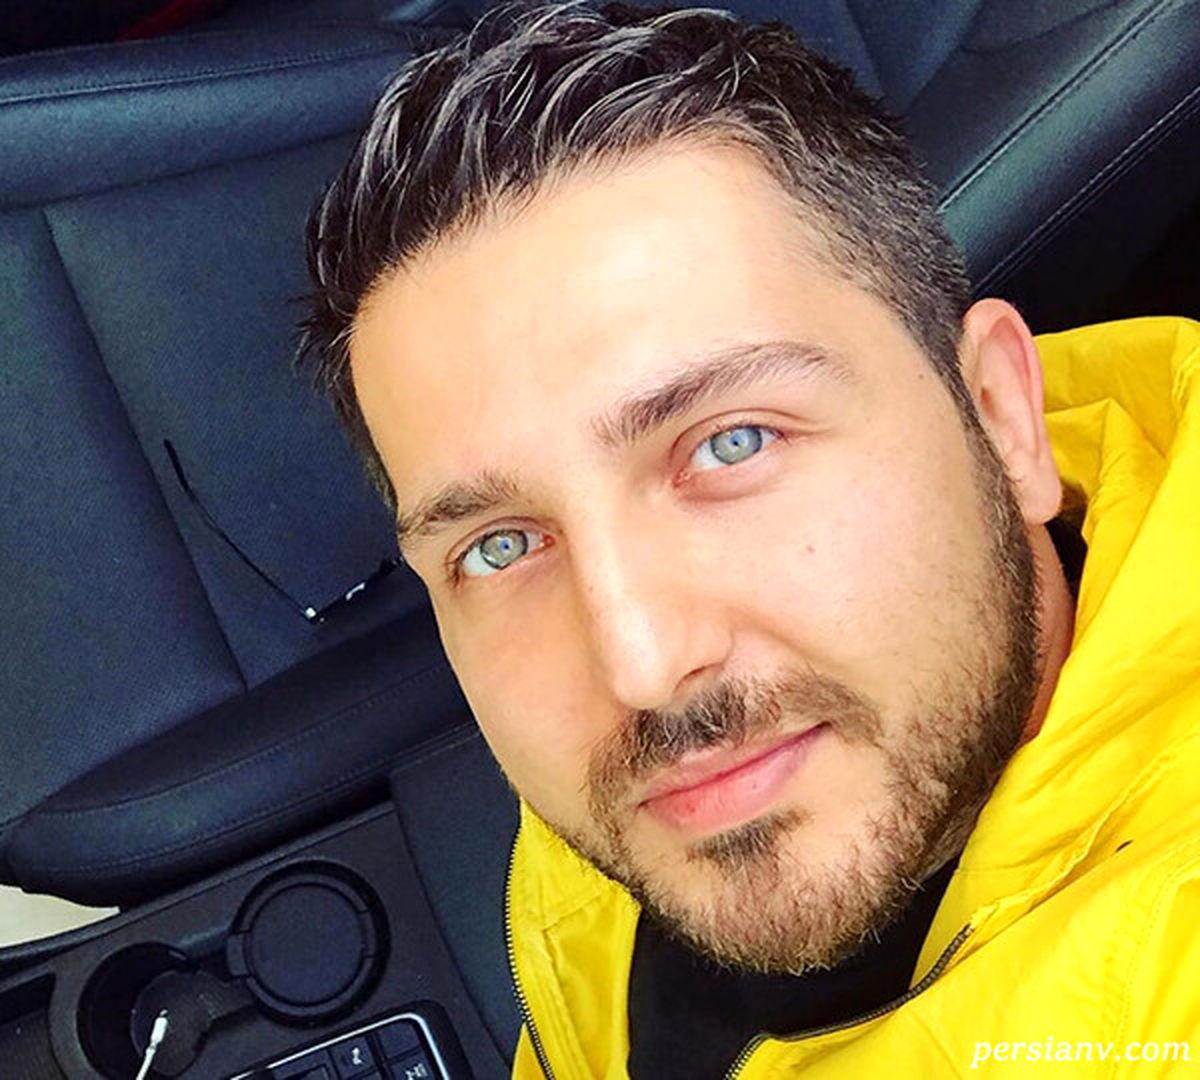 چهره جدید محمدرضا غفاری در ماشین مدل بالایش! +تصاویر لورفته